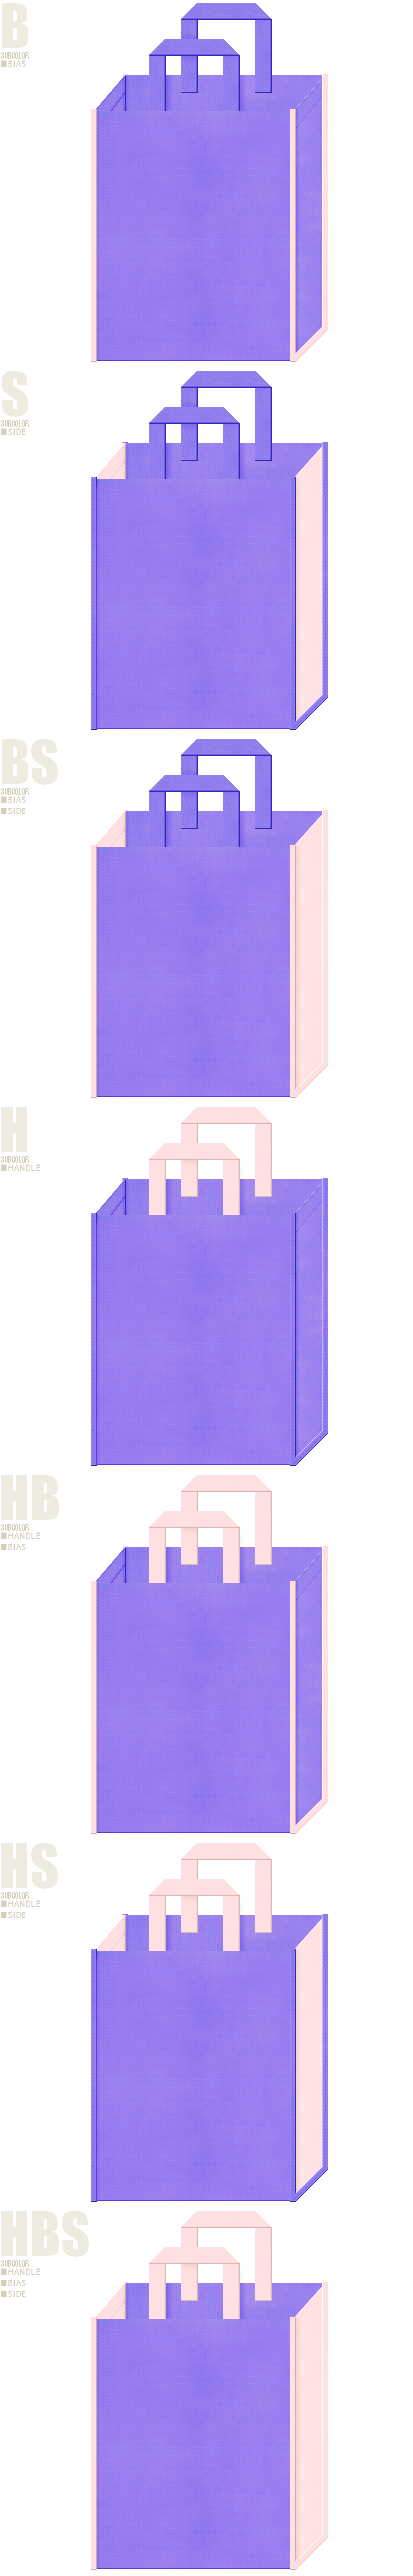 明るめの紫色と桜色、7パターンの不織布トートバッグ配色デザイン例。介護セミナーの資料配布用・介護用品の展示会用バッグにお奨めです。